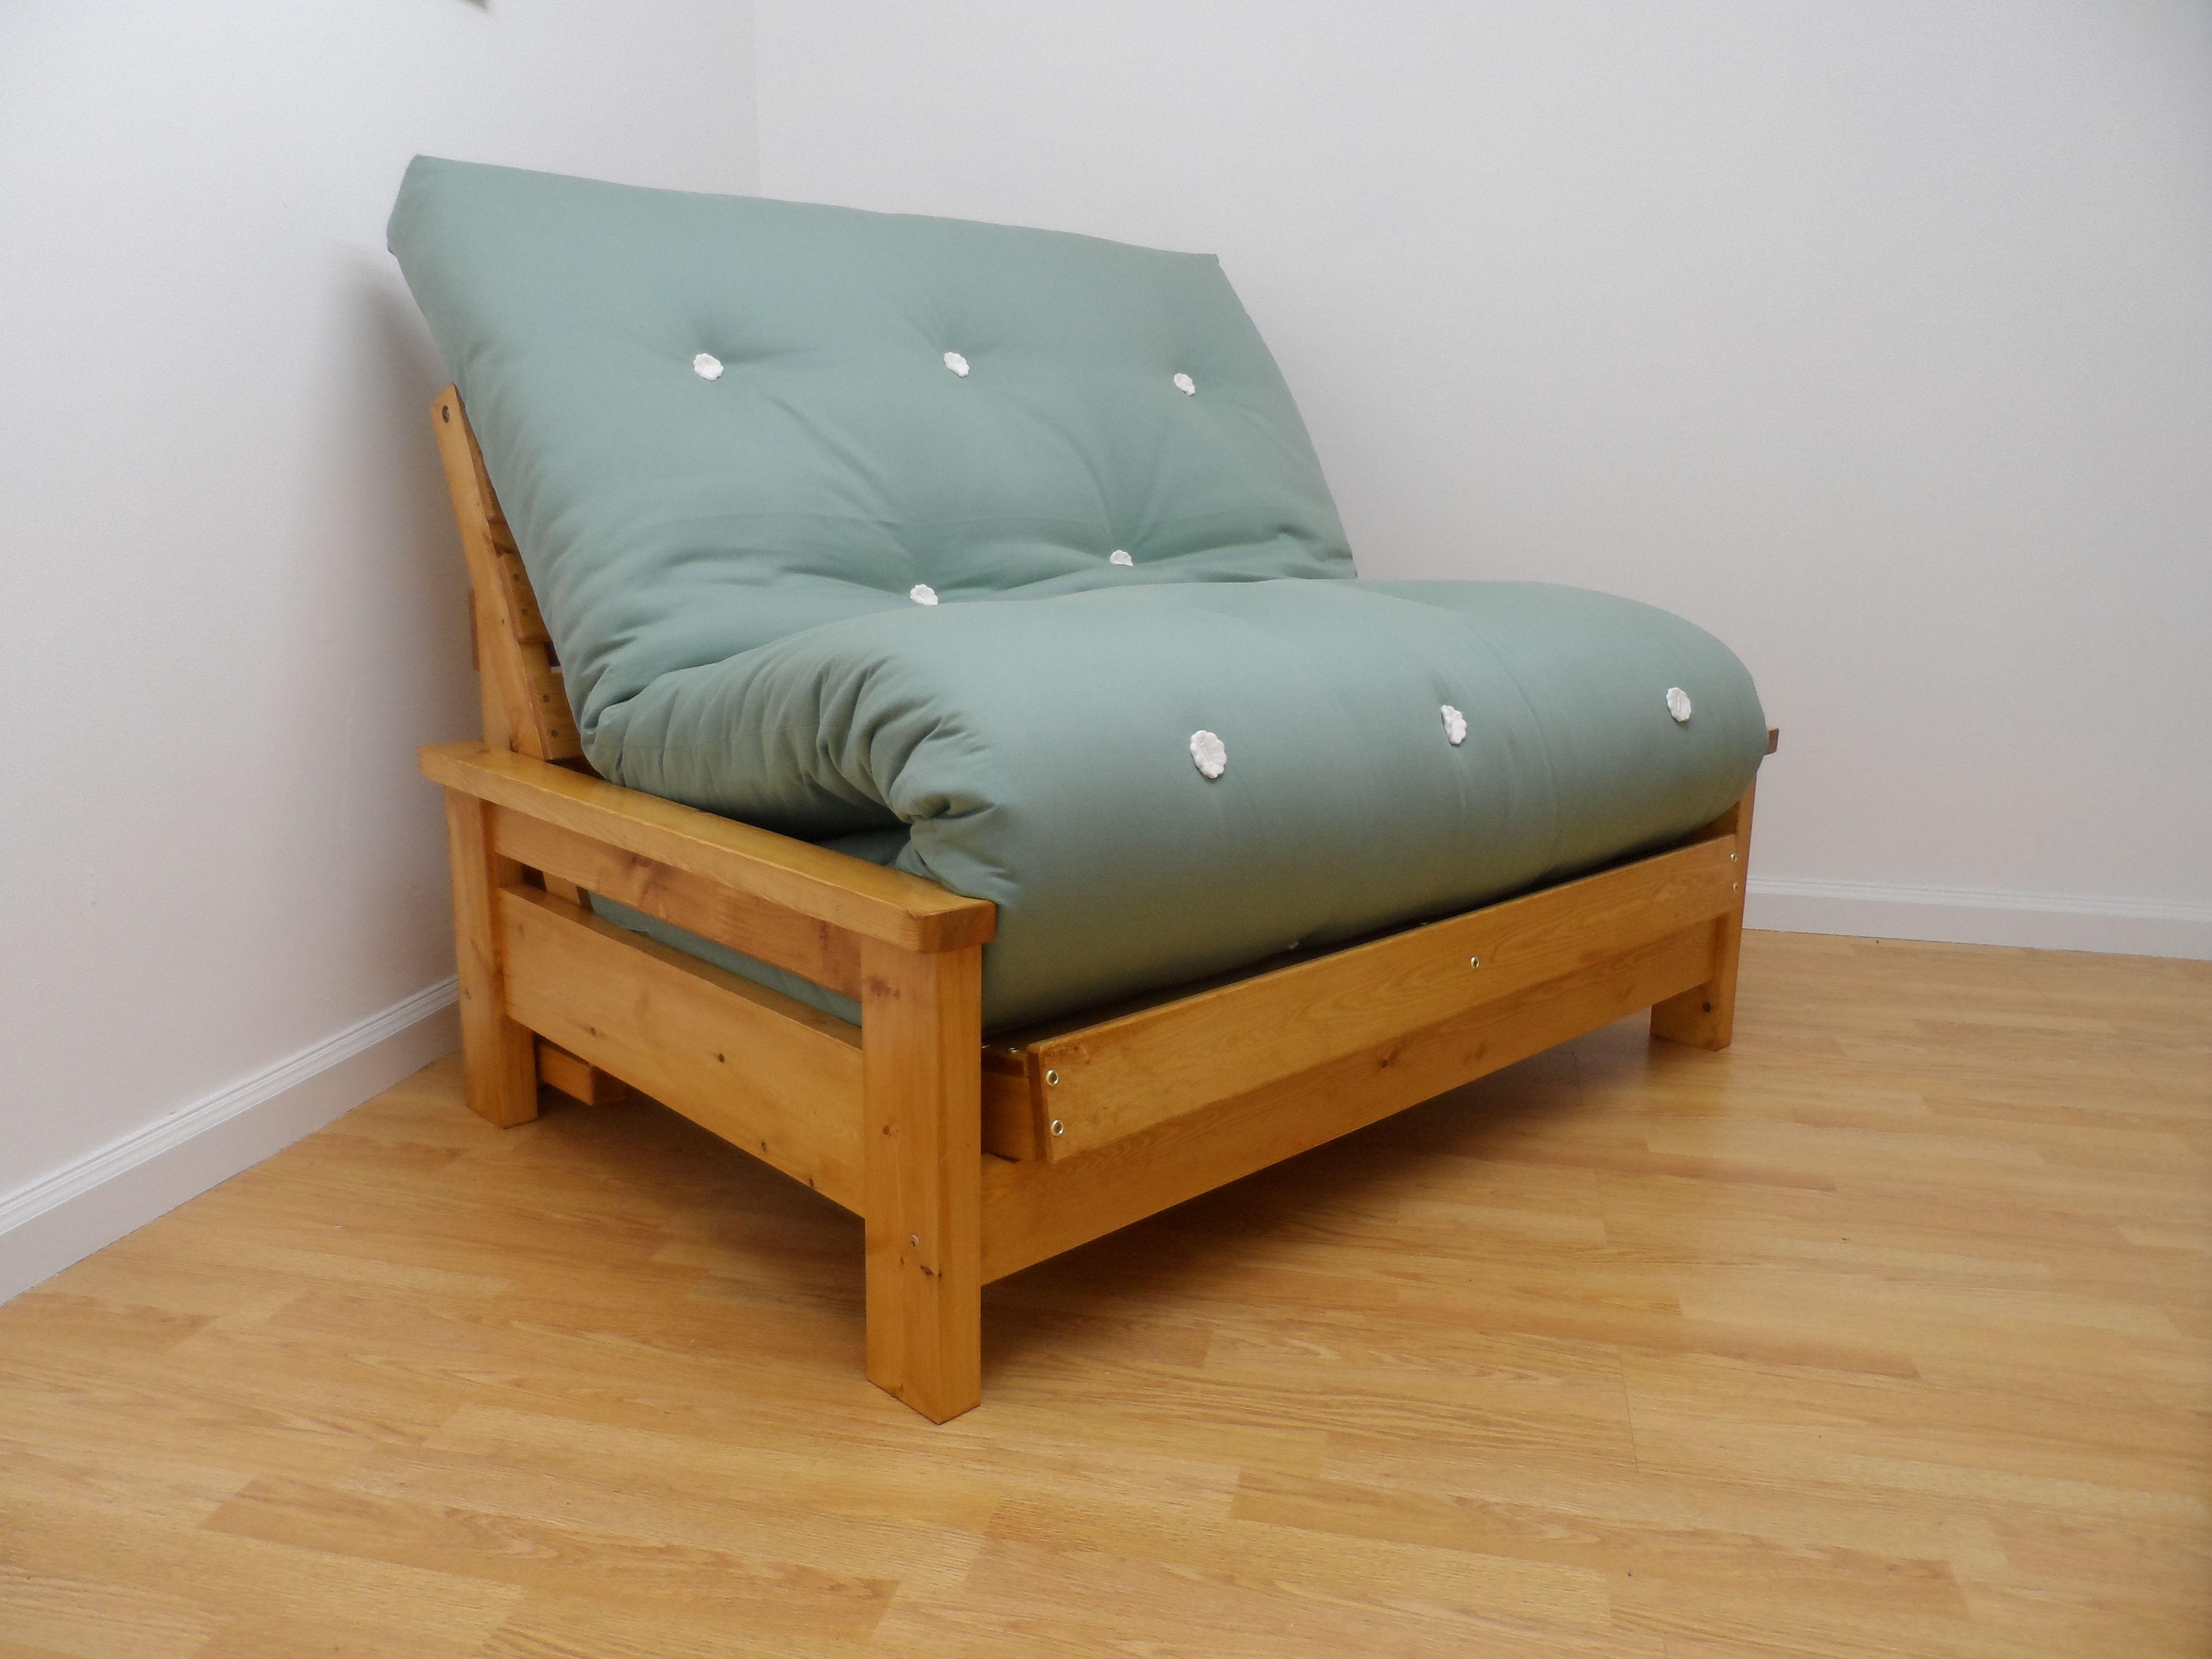 sheffield tri fold futon made to bespoke length of 7ft  we can custom make sheffield tri fold futon made to bespoke length of 7ft  we can      rh   pinterest